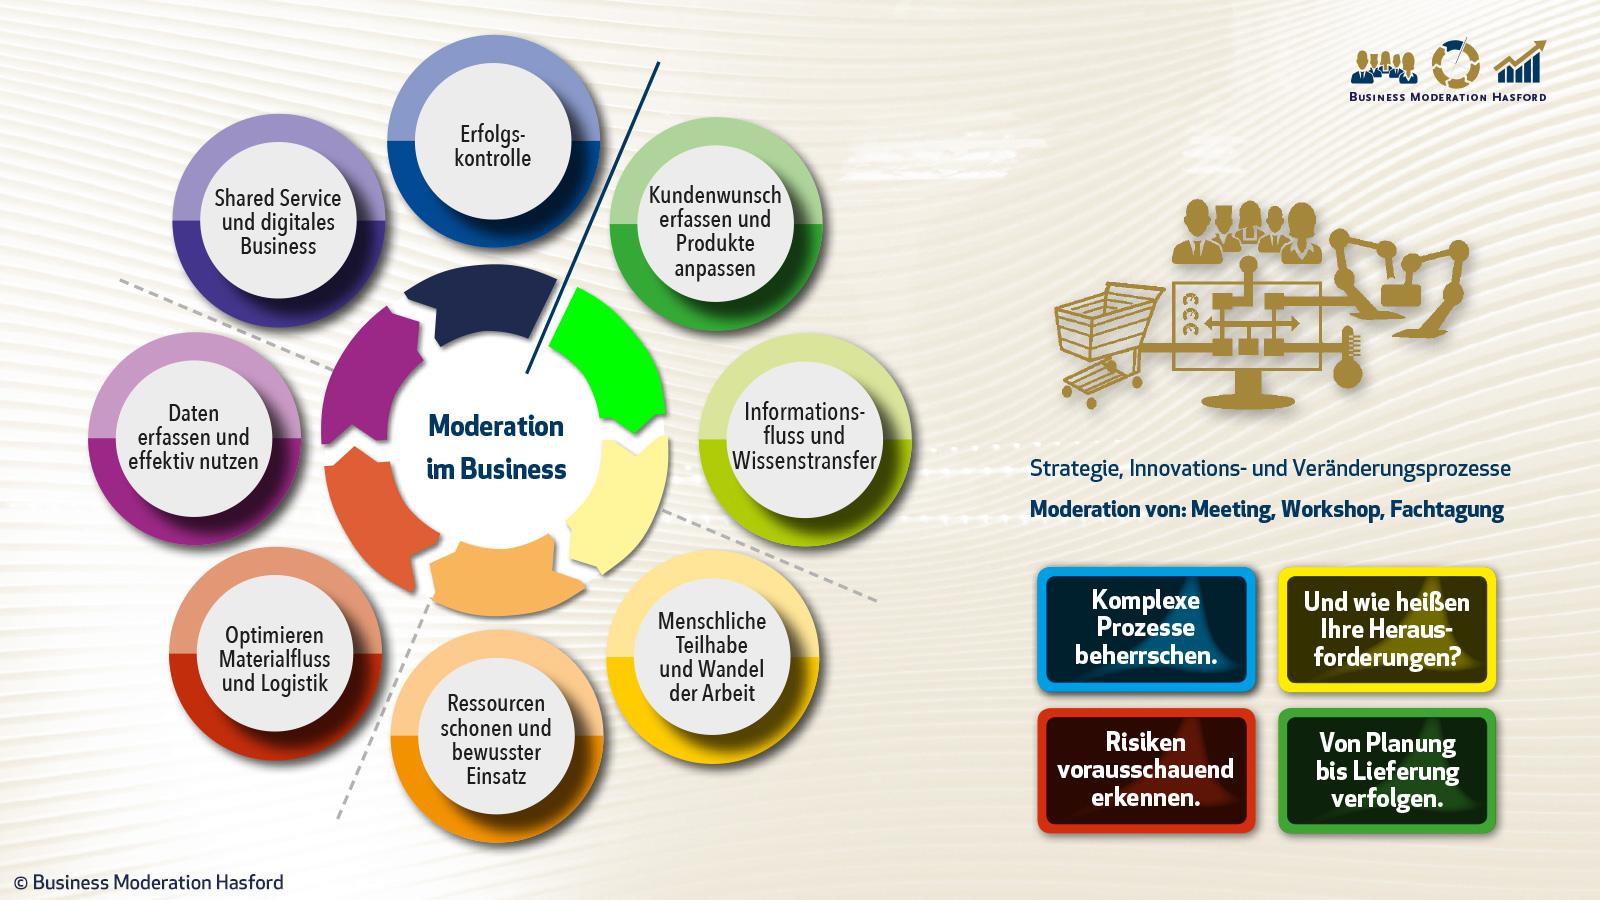 Workshopmoderation zu den Themen: Innovation,Strategie, Aufgaben.